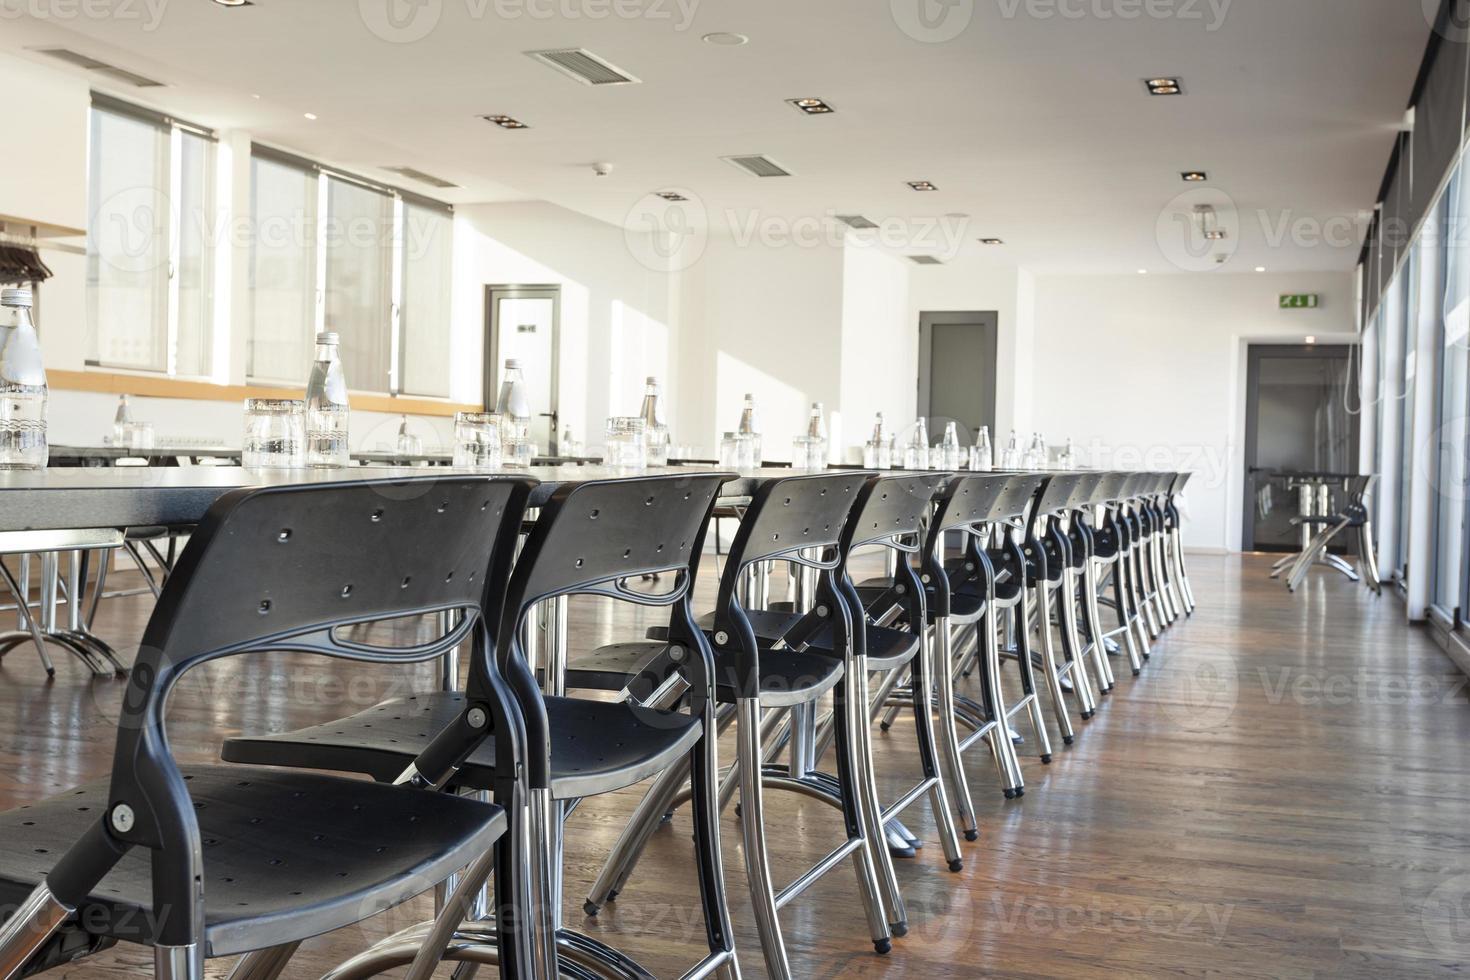 moderna sala conferenze pronta per la riunione foto